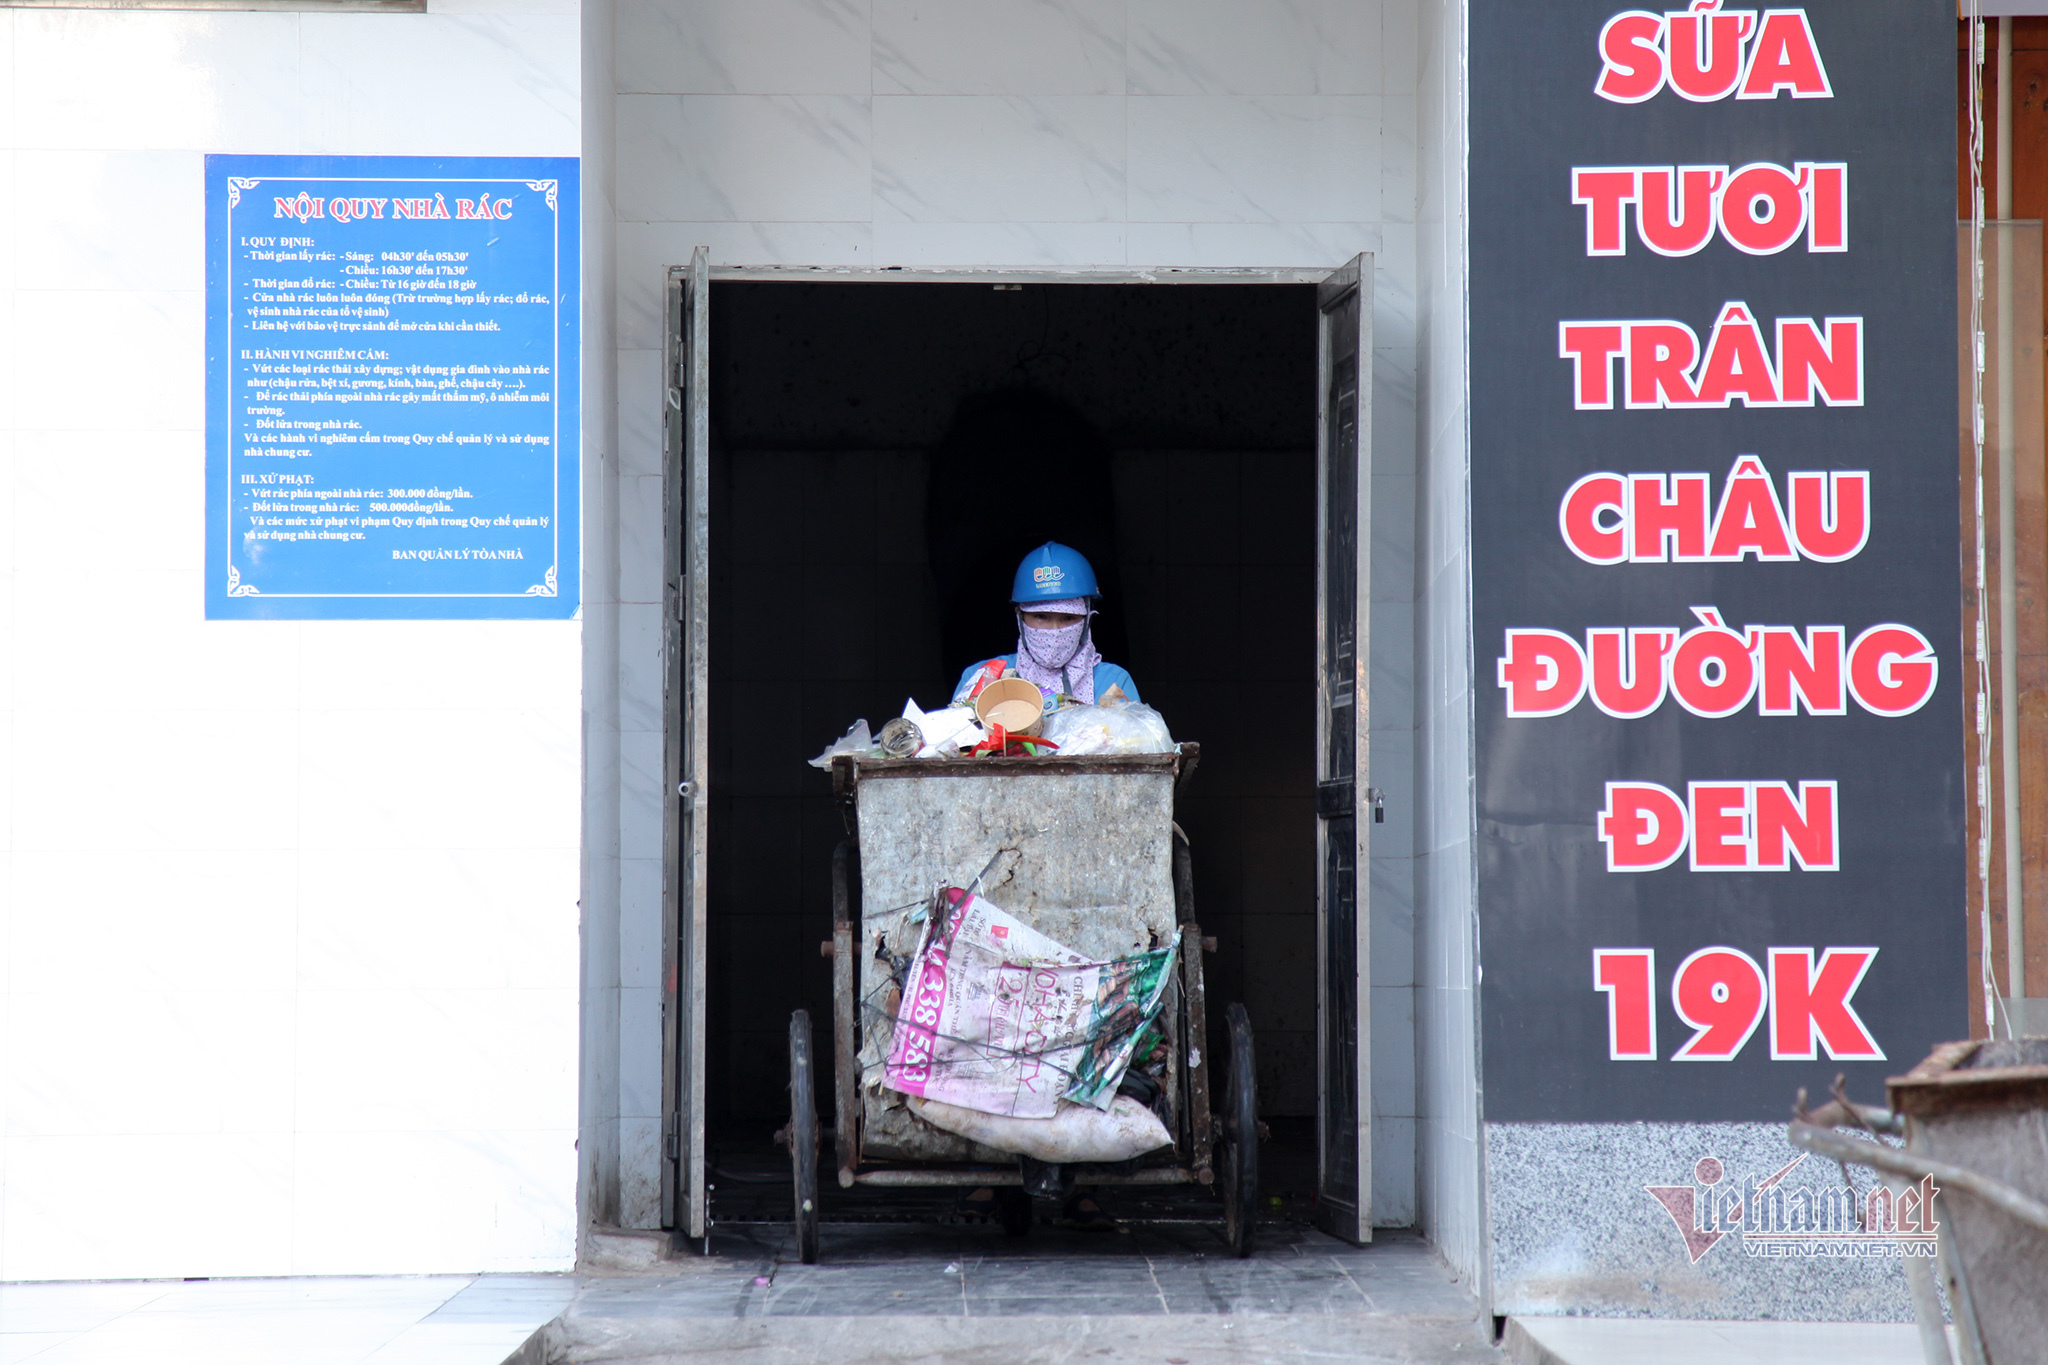 Cất tấm bằng cử nhân, người mẹ đi dọn rác, làm xe ôm nuôi con tự kỷ-6